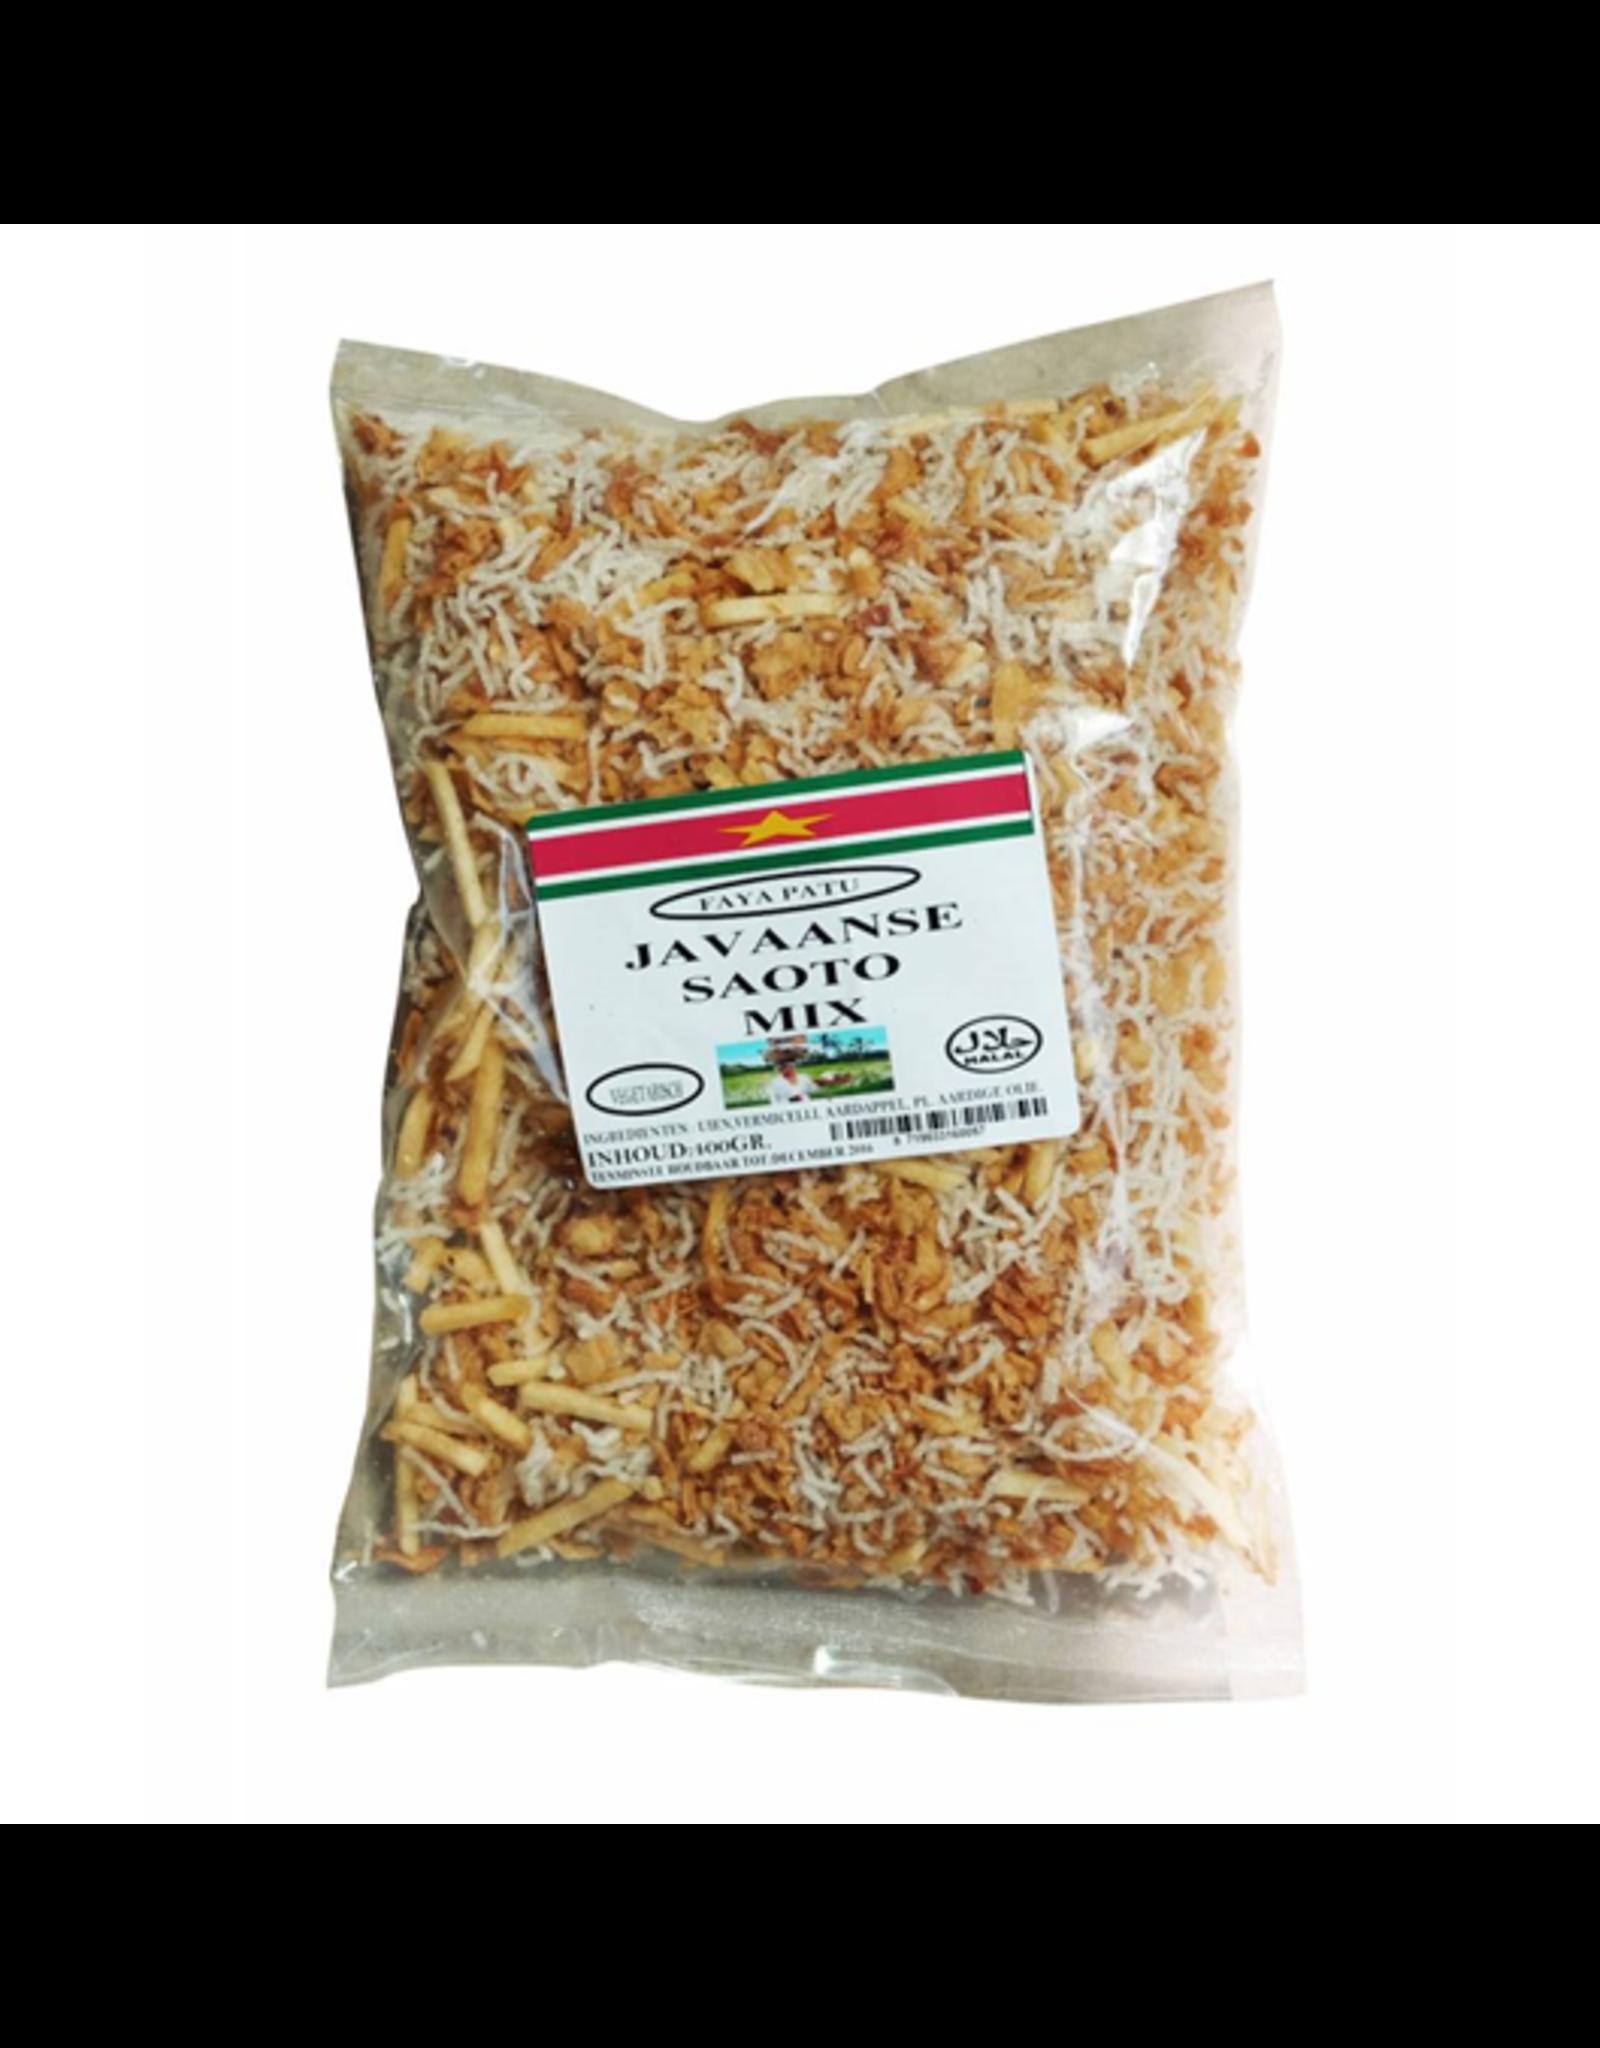 Faya Patu Javaanse Saoto Mix